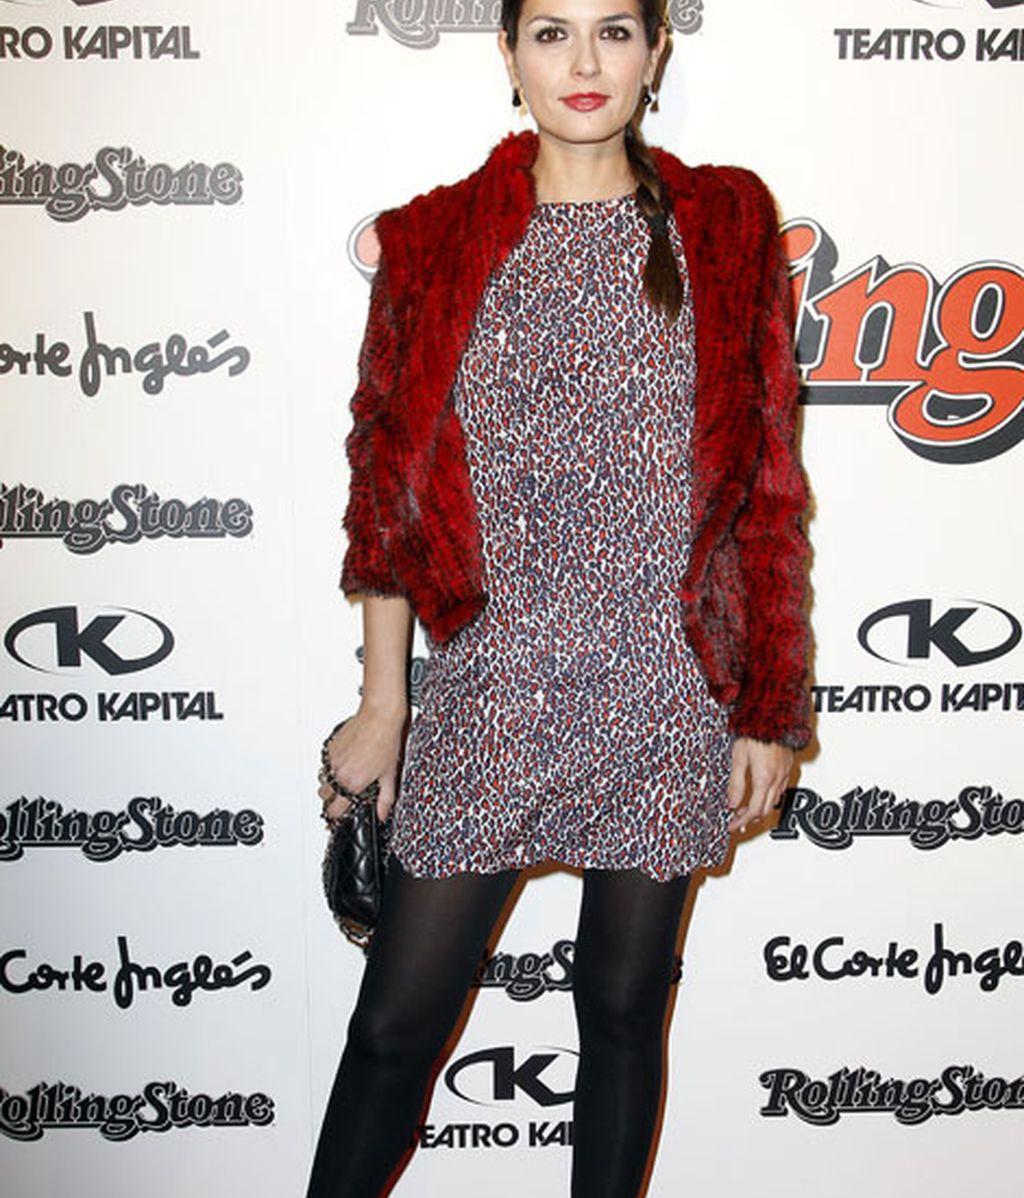 La modelo María Reyes combinó zapatos de charol y chaqueta de pelo